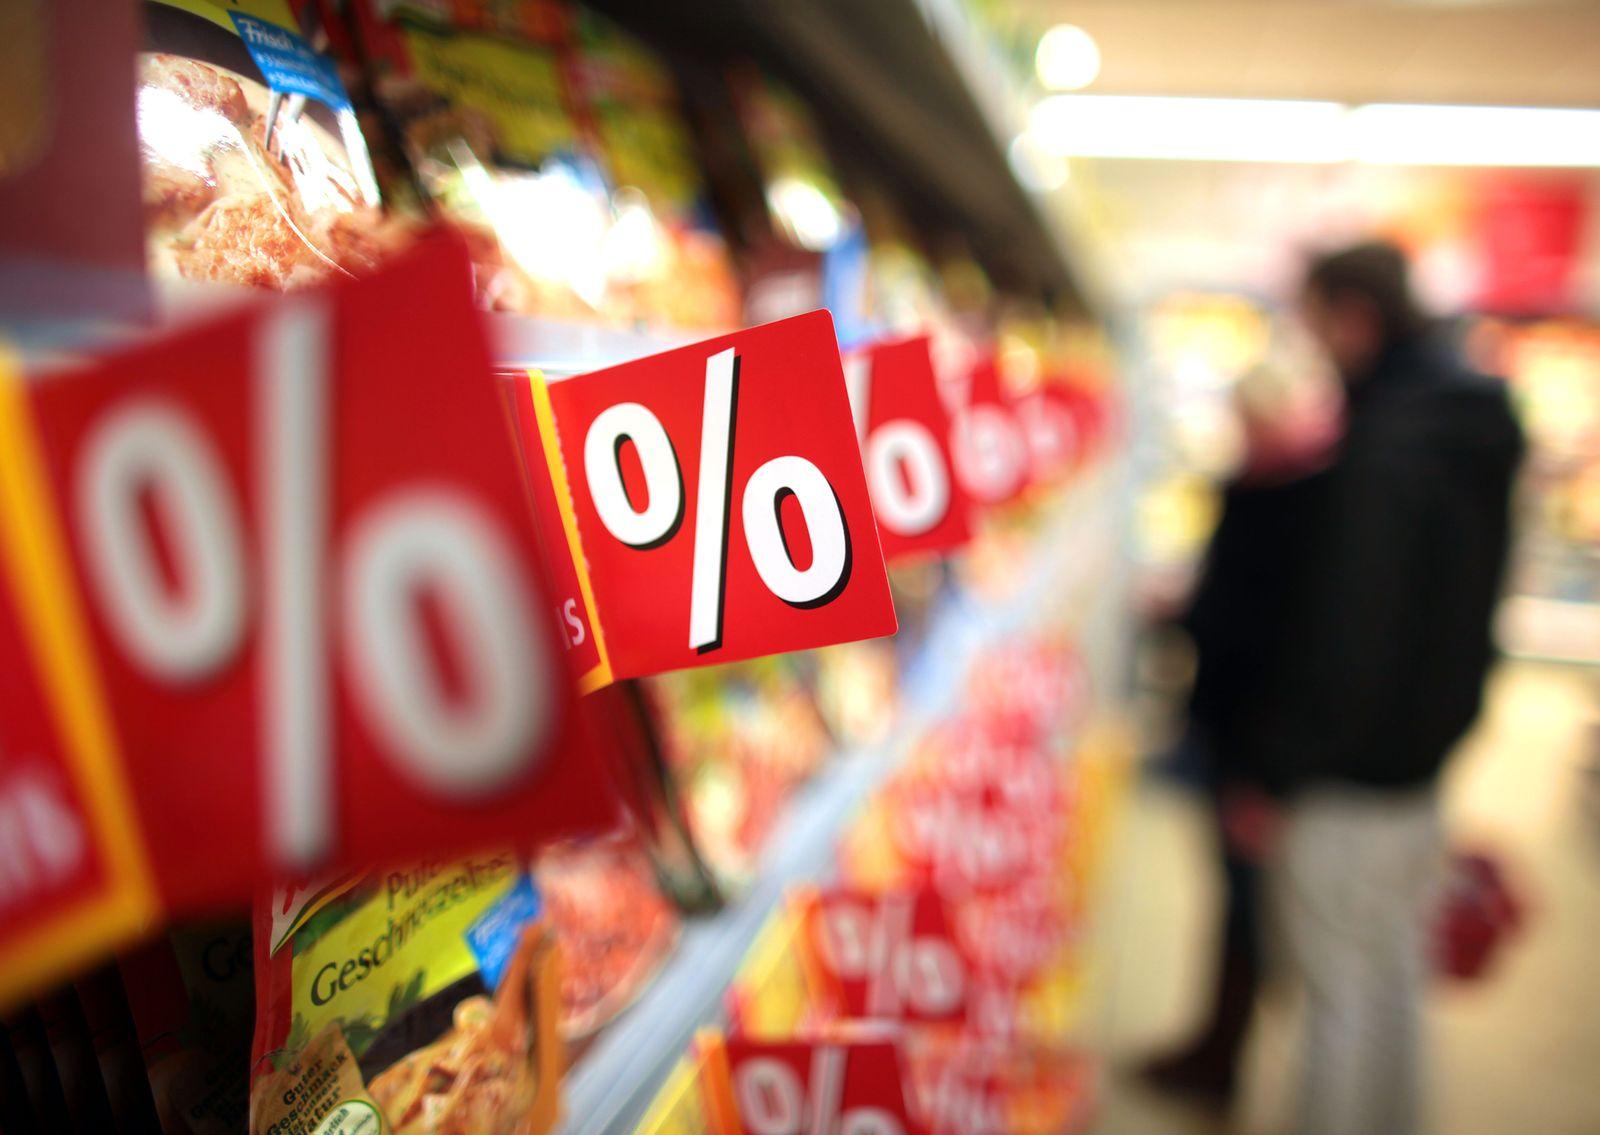 Ladenöffnungszeiten / Supermarktregal / Supermarkt